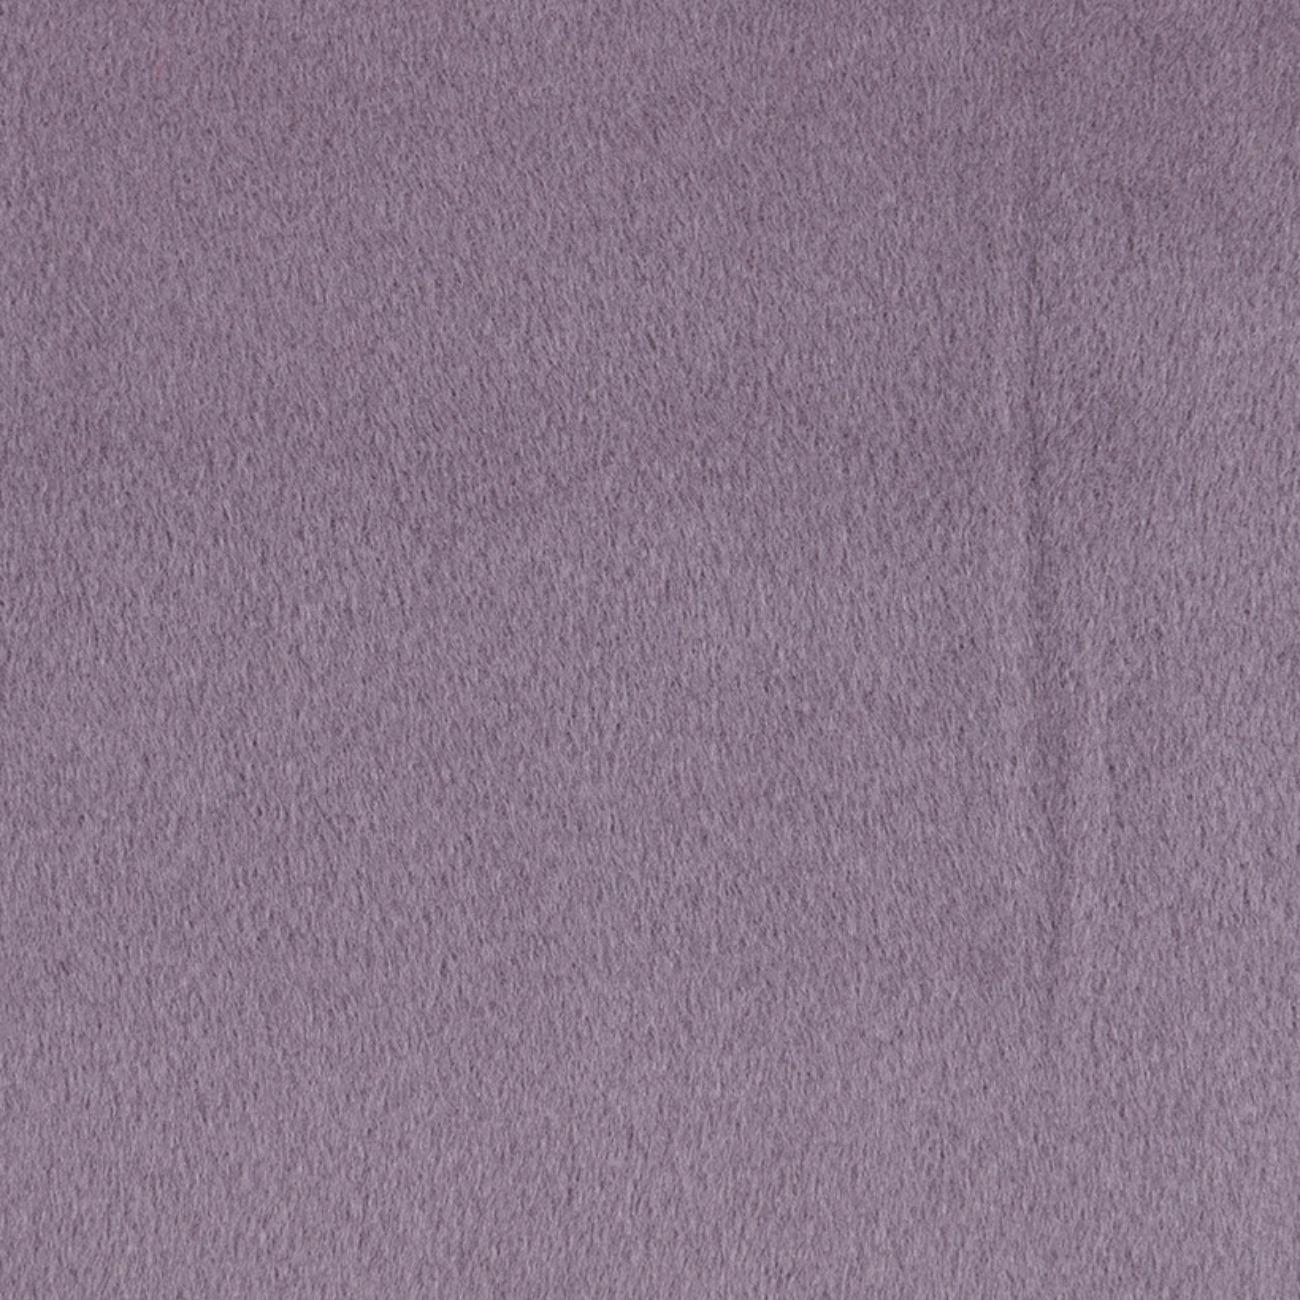 素色 梭织 微弹 大衣 外套 绒感 女装 秋冬 毛料 羊毛 71019-11